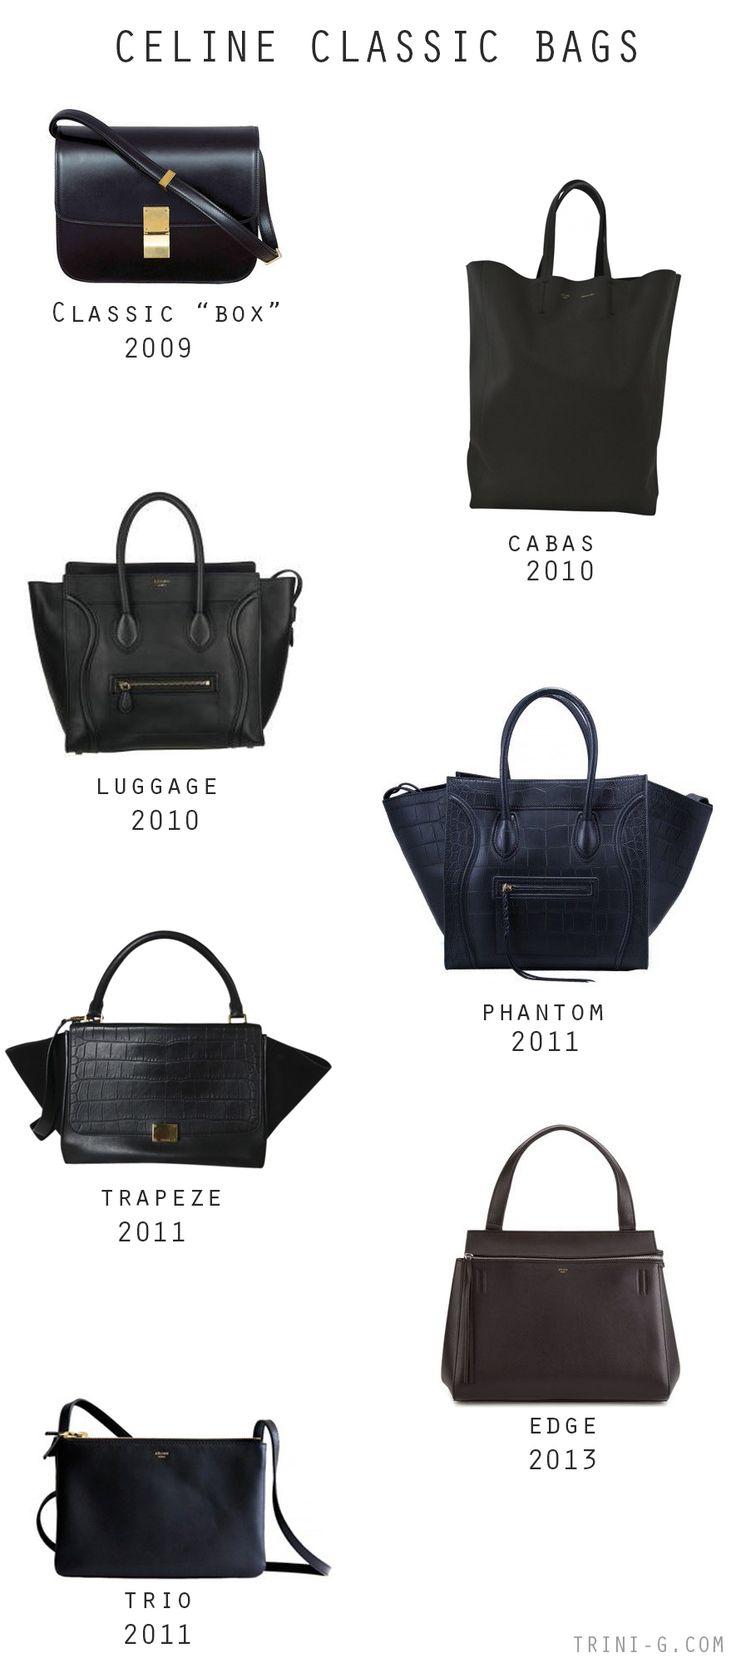 Trini blog   Celine classic bags